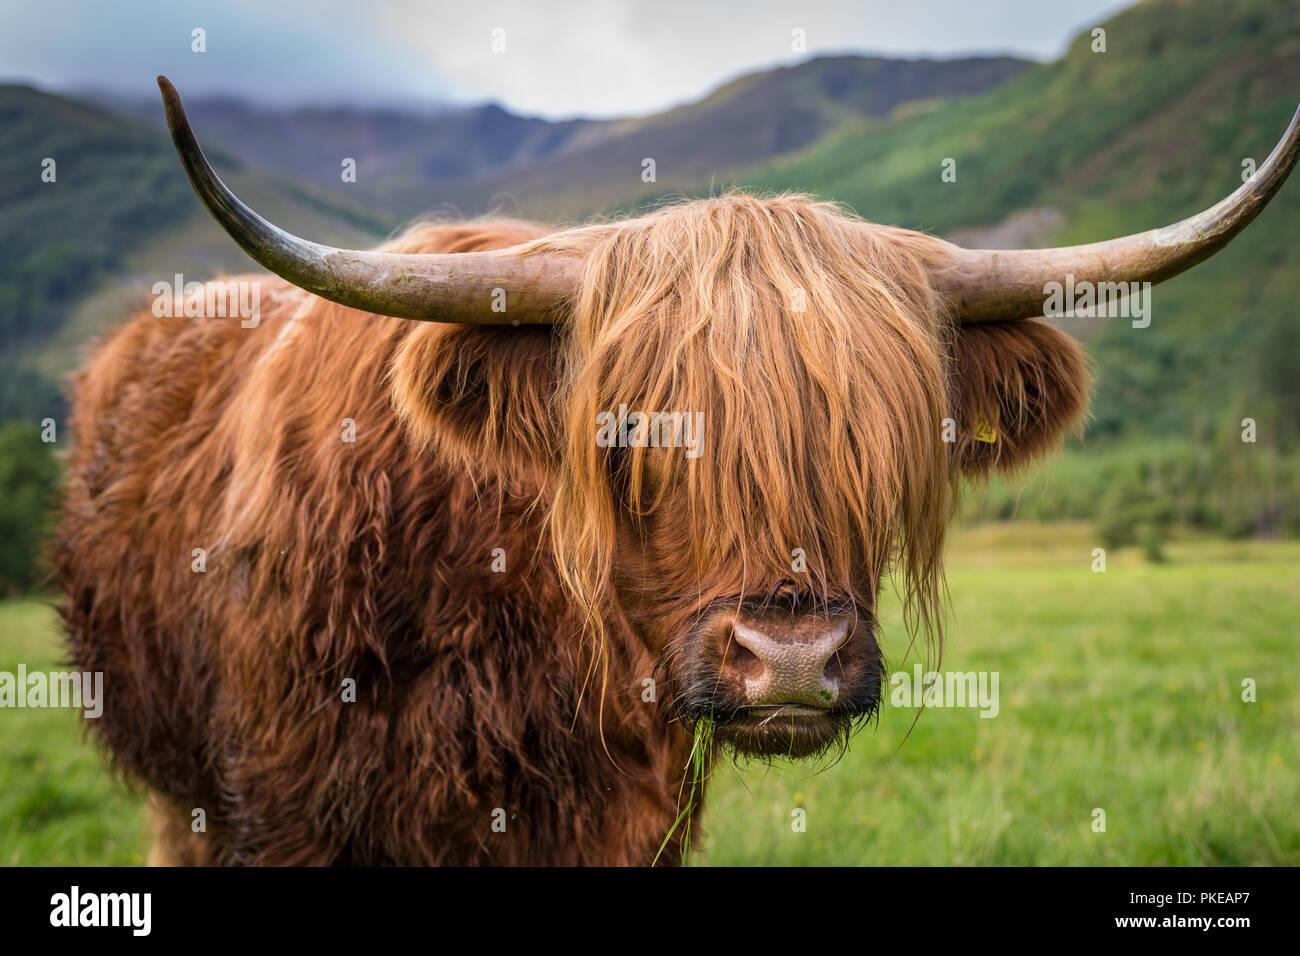 Scottish Highland cattle, Ben Nevis, Scottish Highlands, Scotland, UK Stock Photo